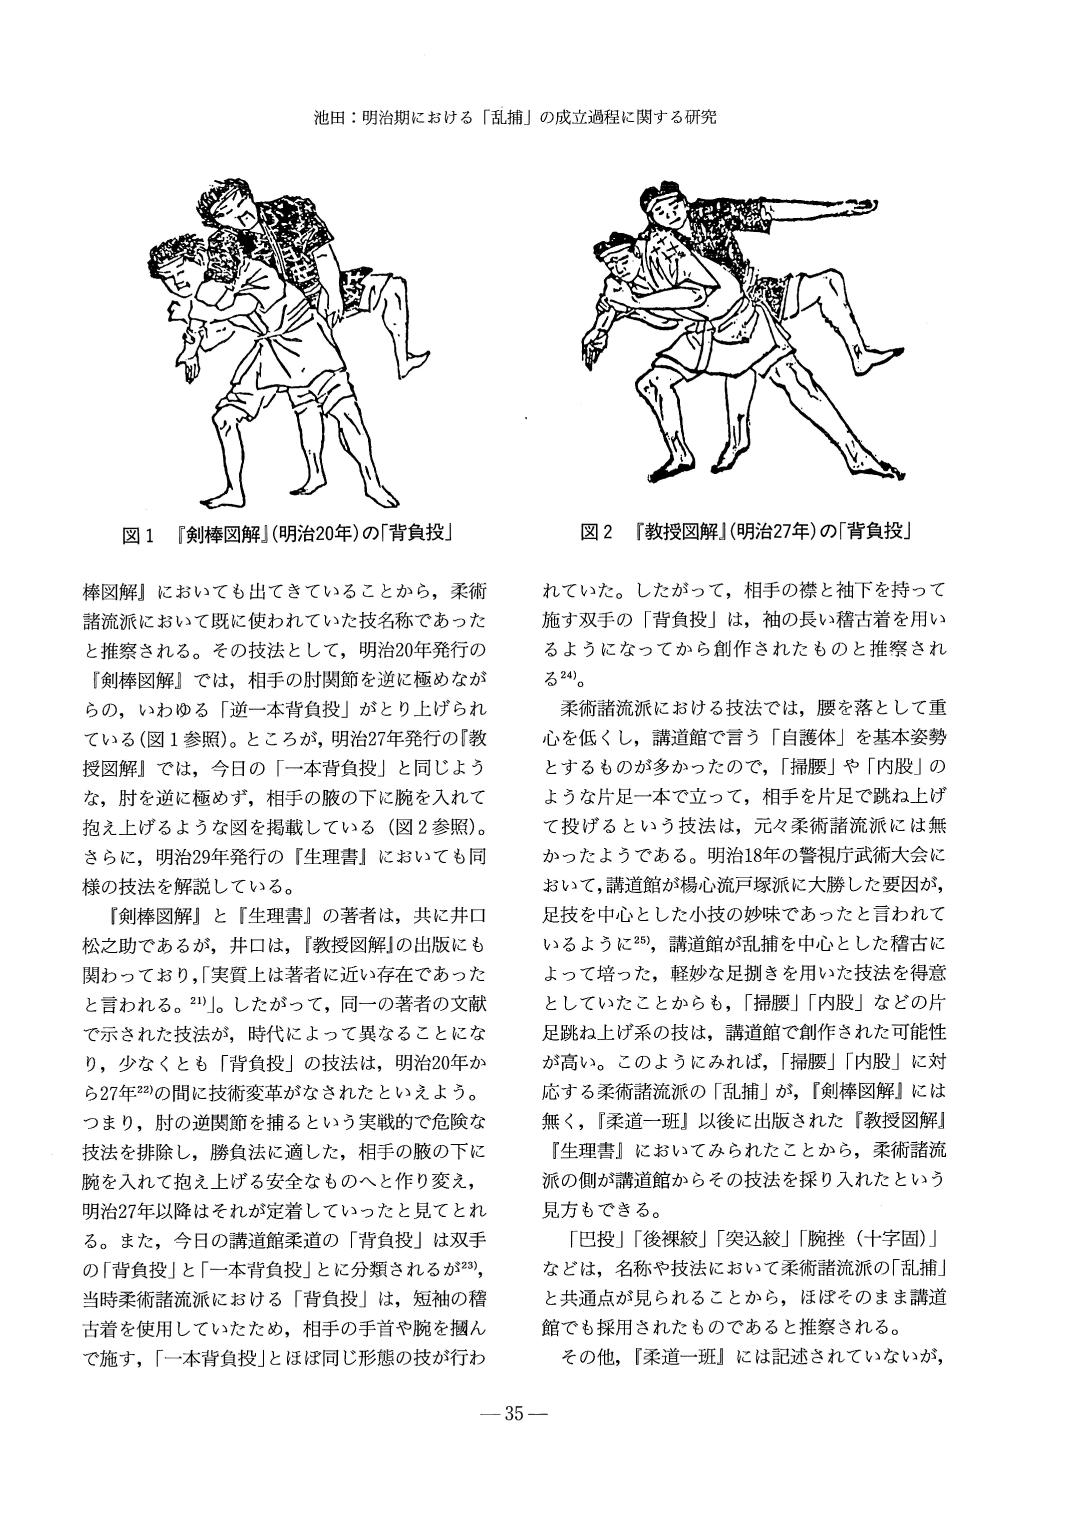 変換 ~ 乱取りimg19 (4)